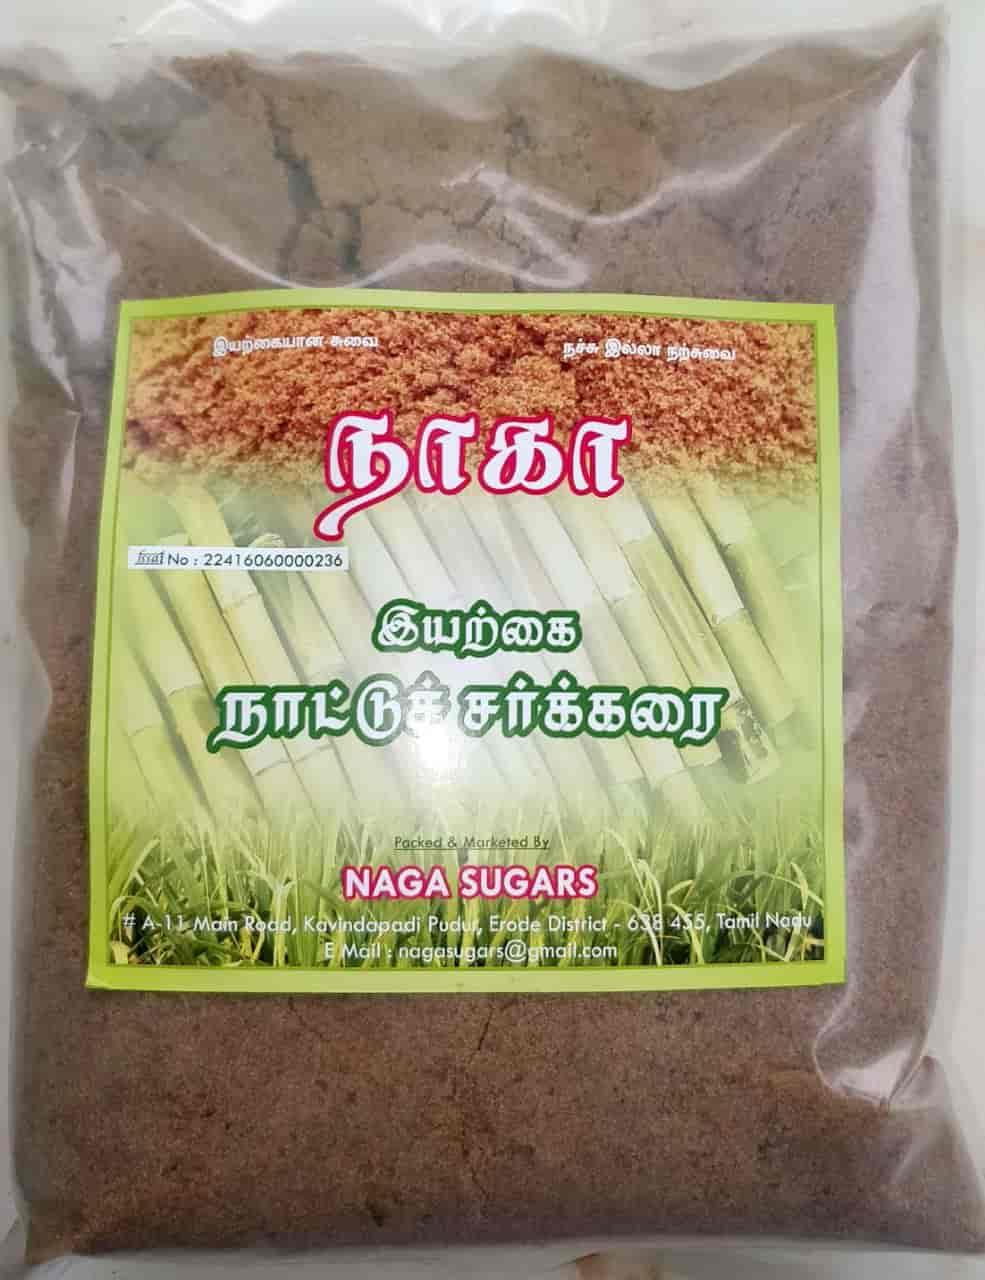 Naga Jaggery Powder And Ayurvedic Jaggery Powder Photos